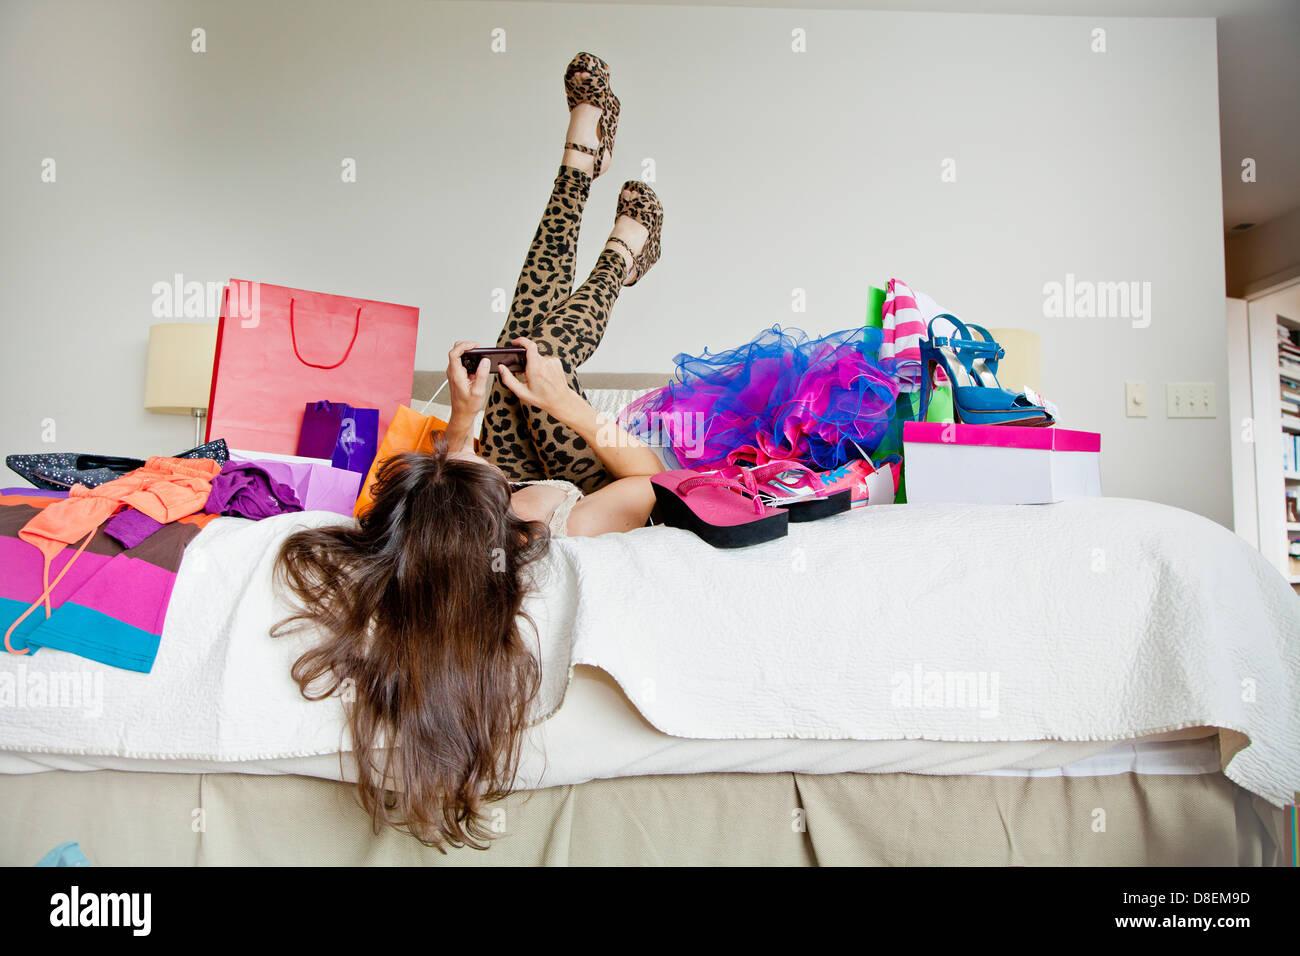 Donna sul letto circondato da borse per lo shopping Foto Stock